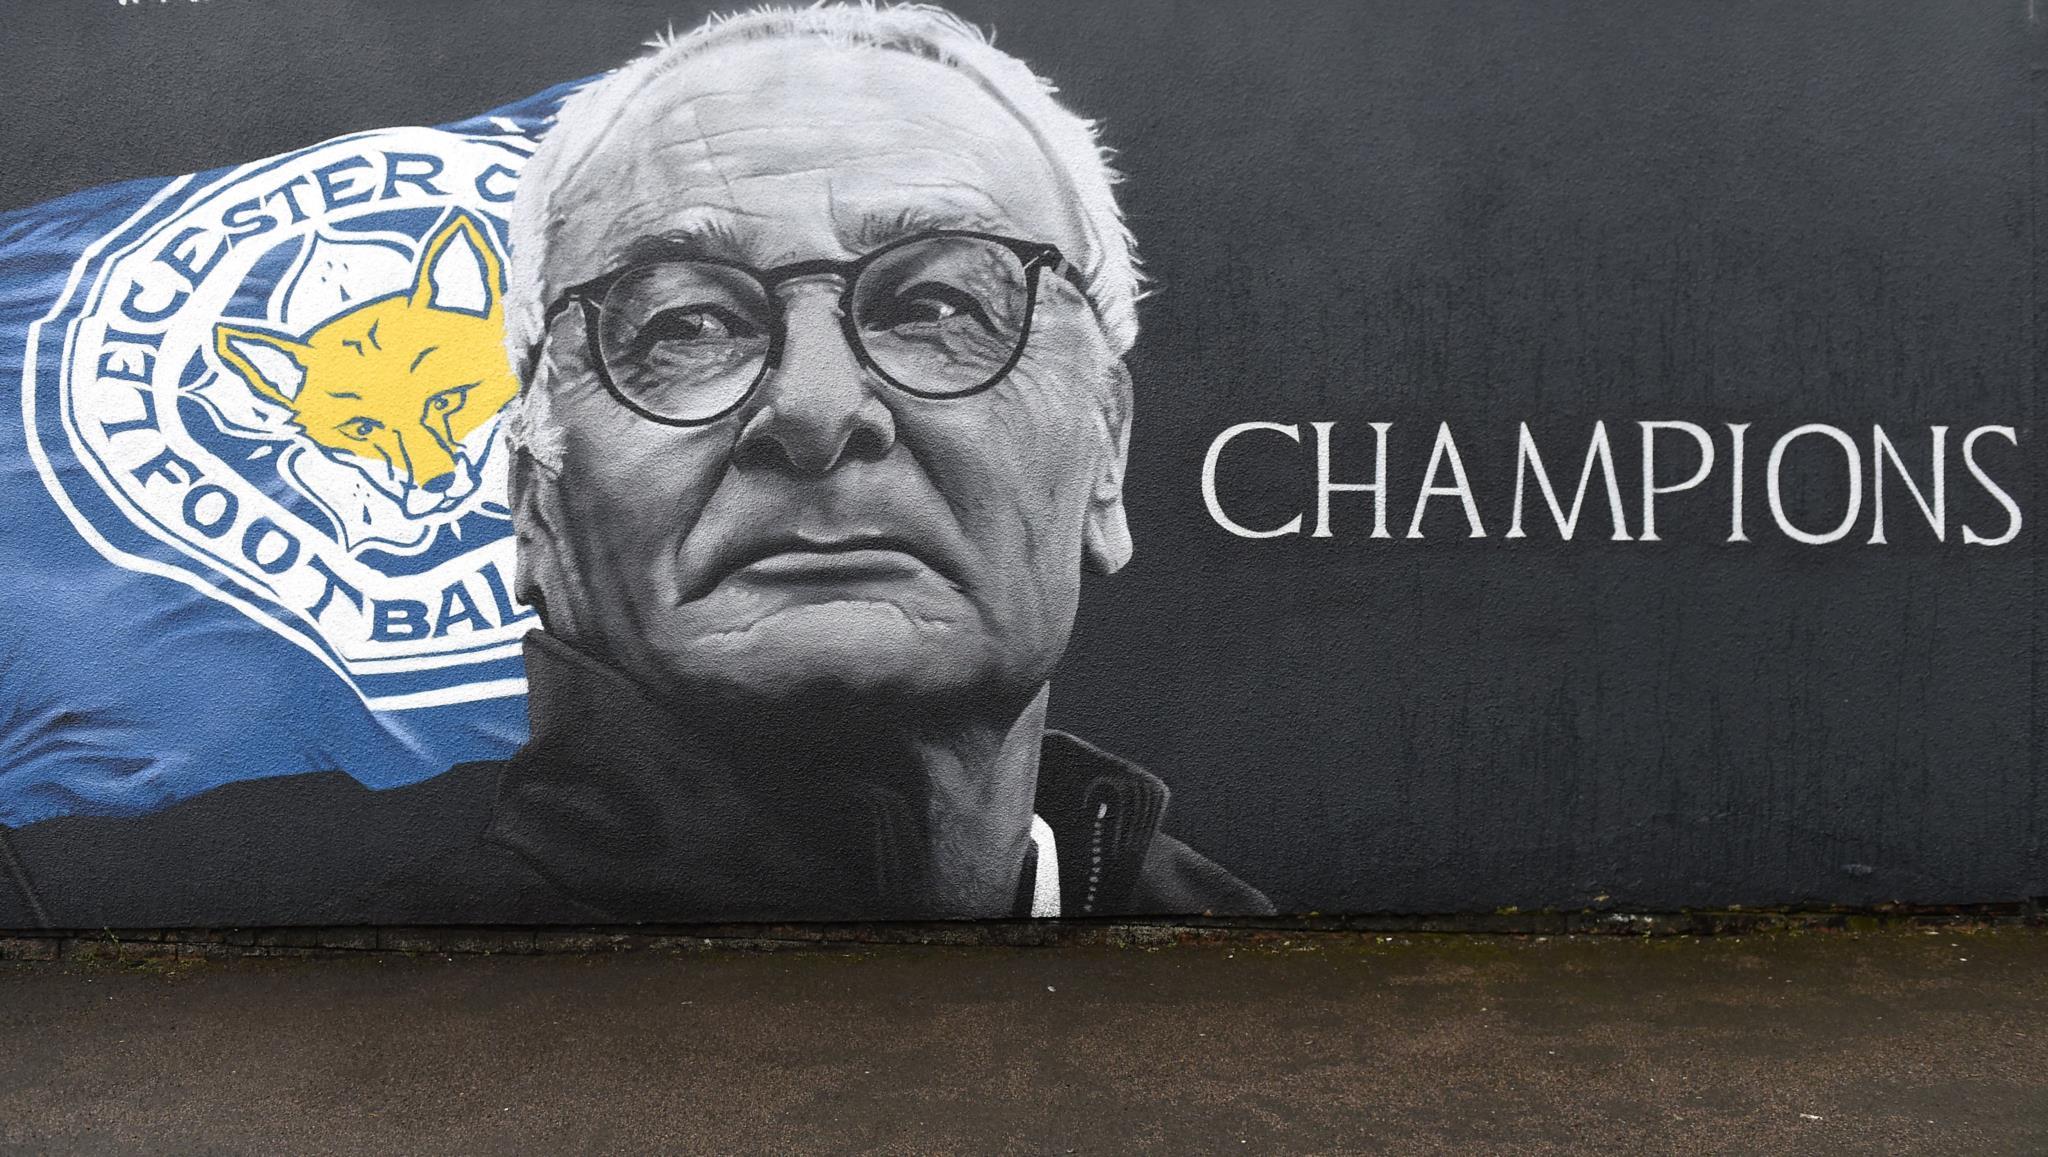 PÚBLICO - O Leicester City foi de romântico a cínico em 298 dias